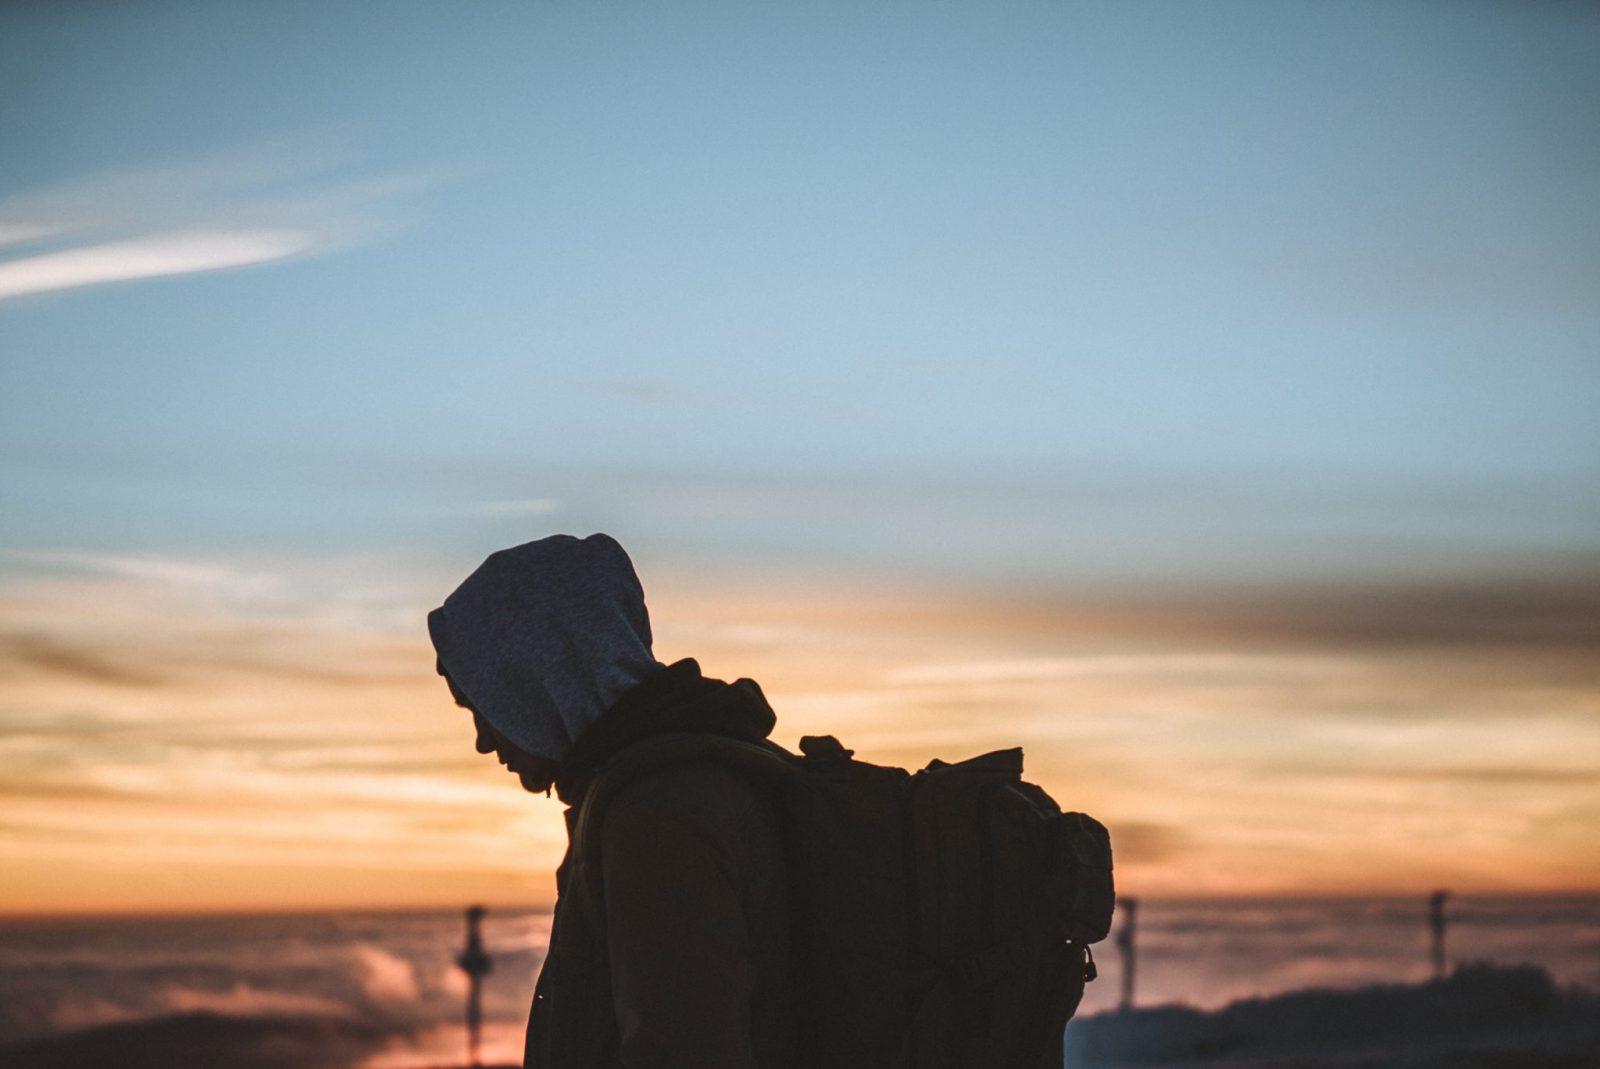 Hahmo katsoo maahan päin huppu päässä auringonlaskun edustalla.